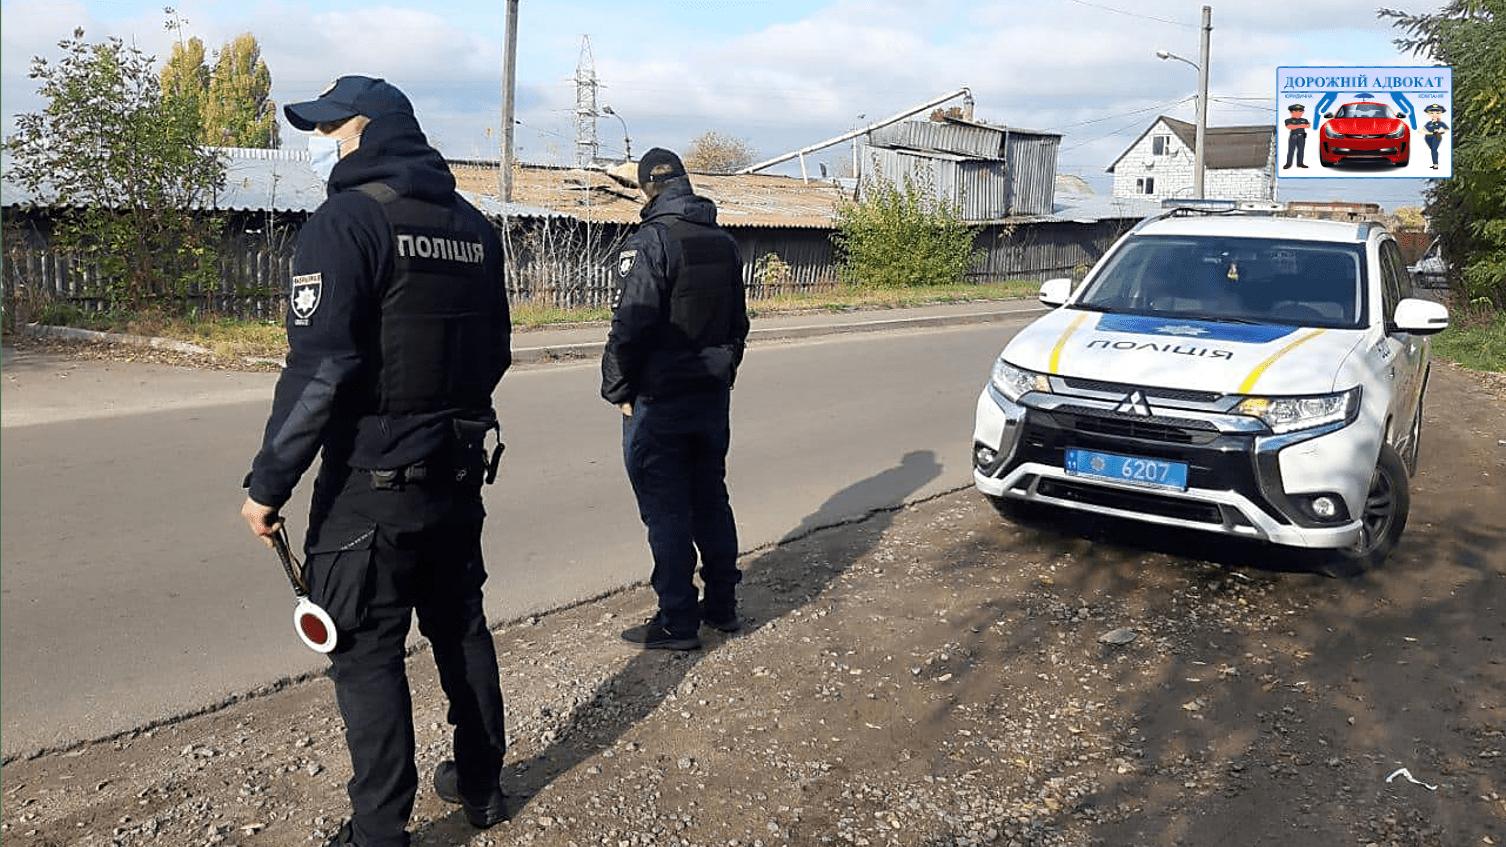 суд визнав безпідставну зупинку переслідуванням на надіслав матеріали для притягнення інспектора